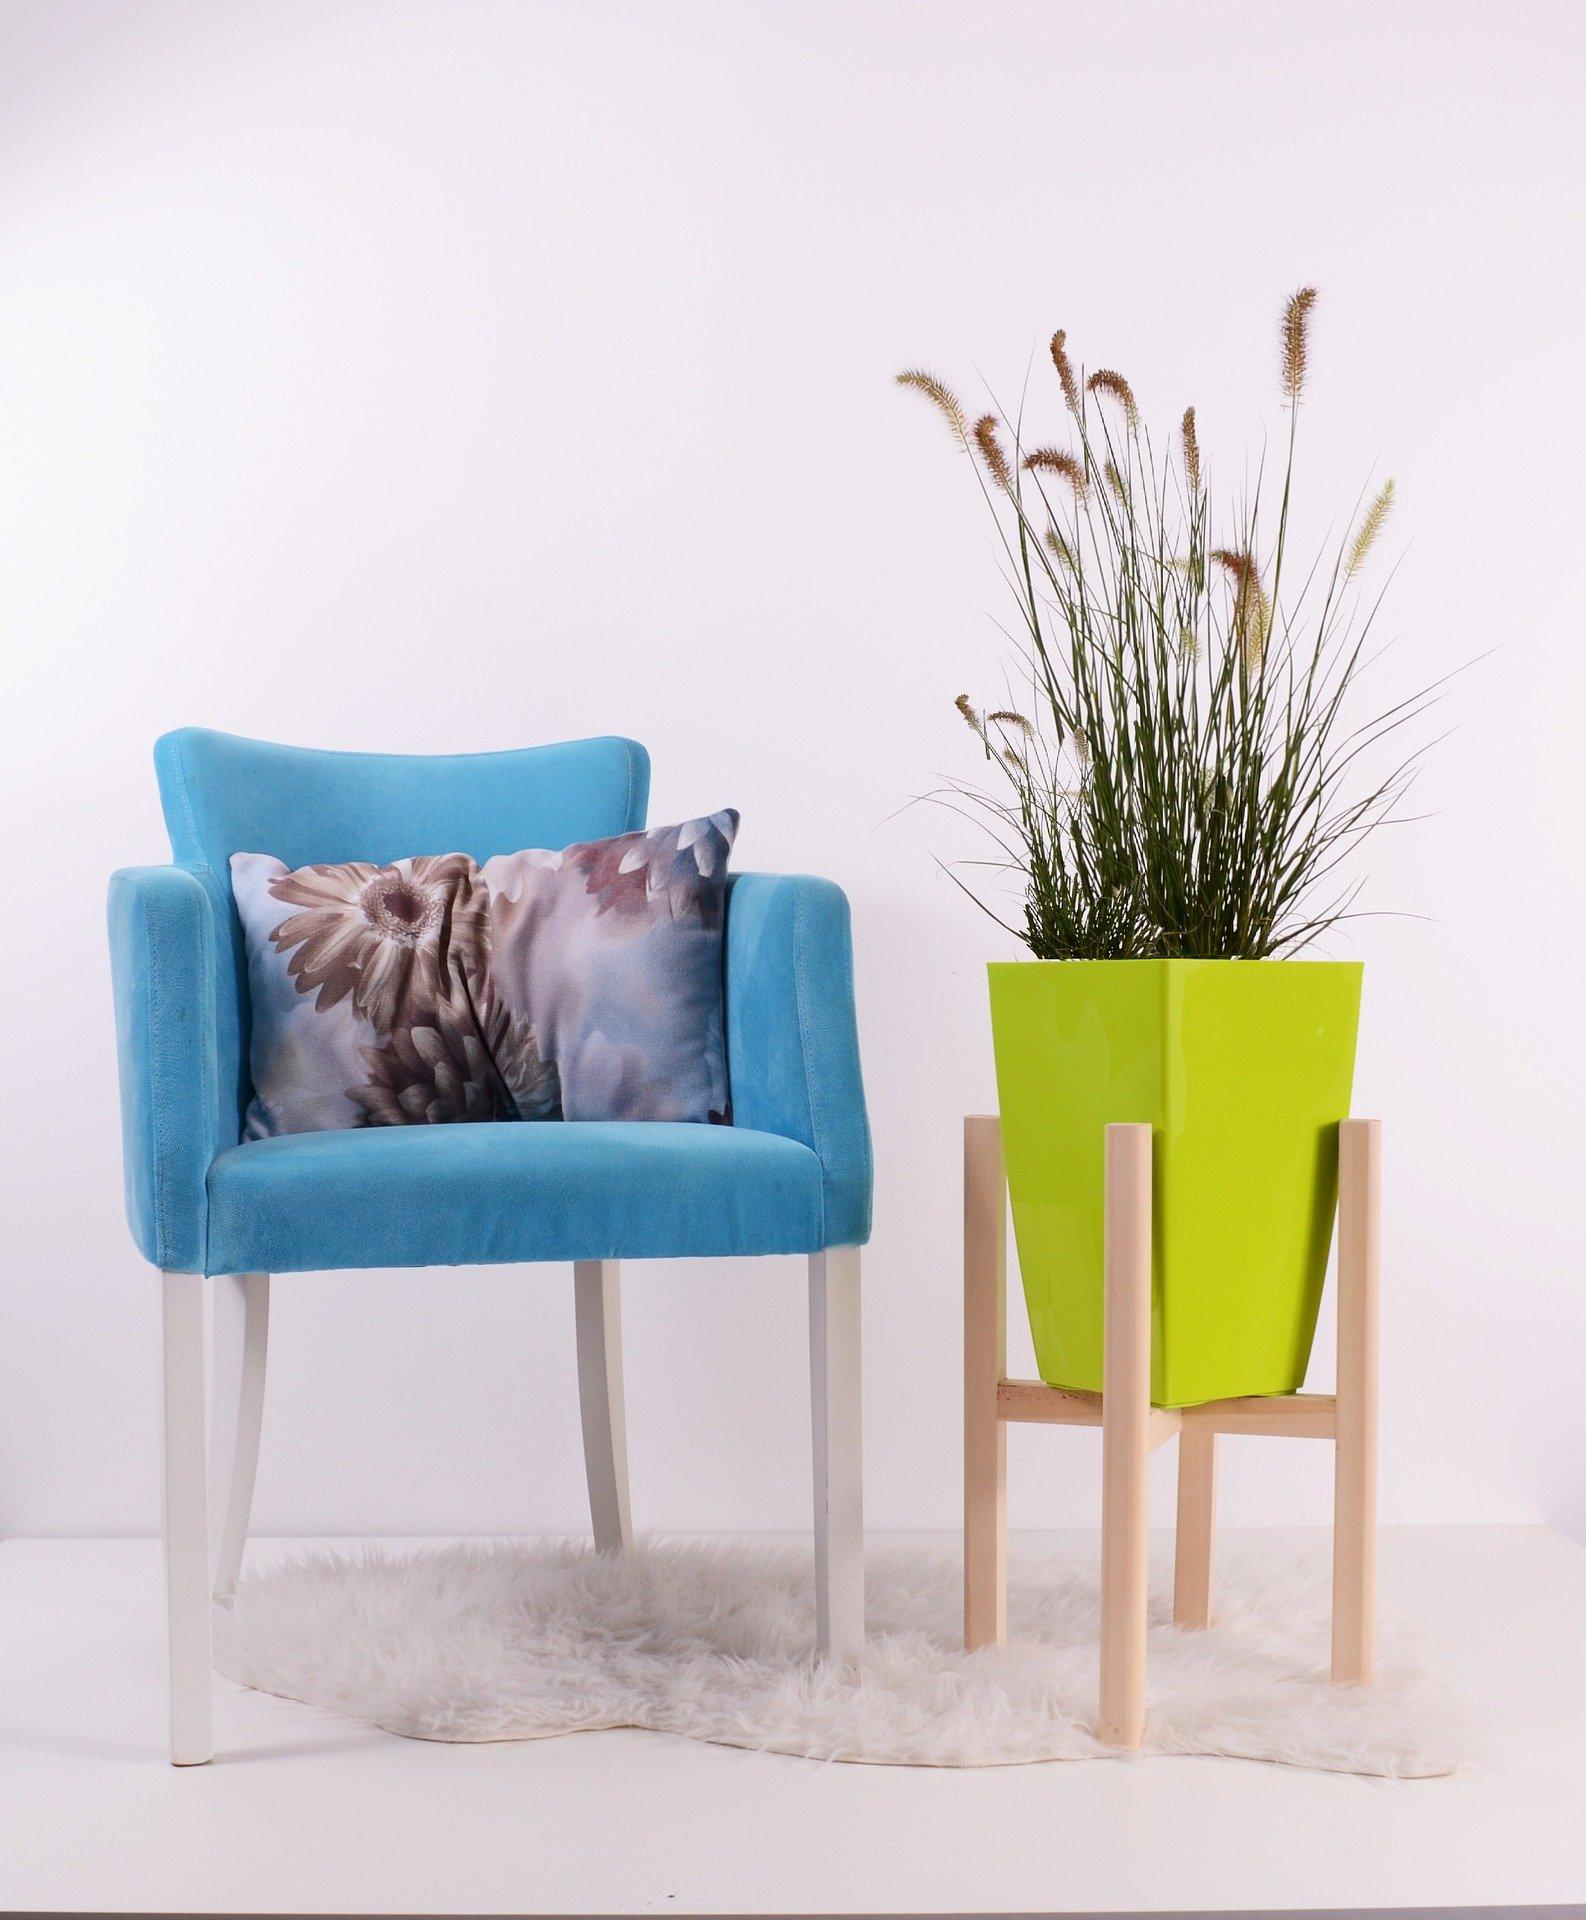 Benefits Of Buying Outdoor Furniture Online